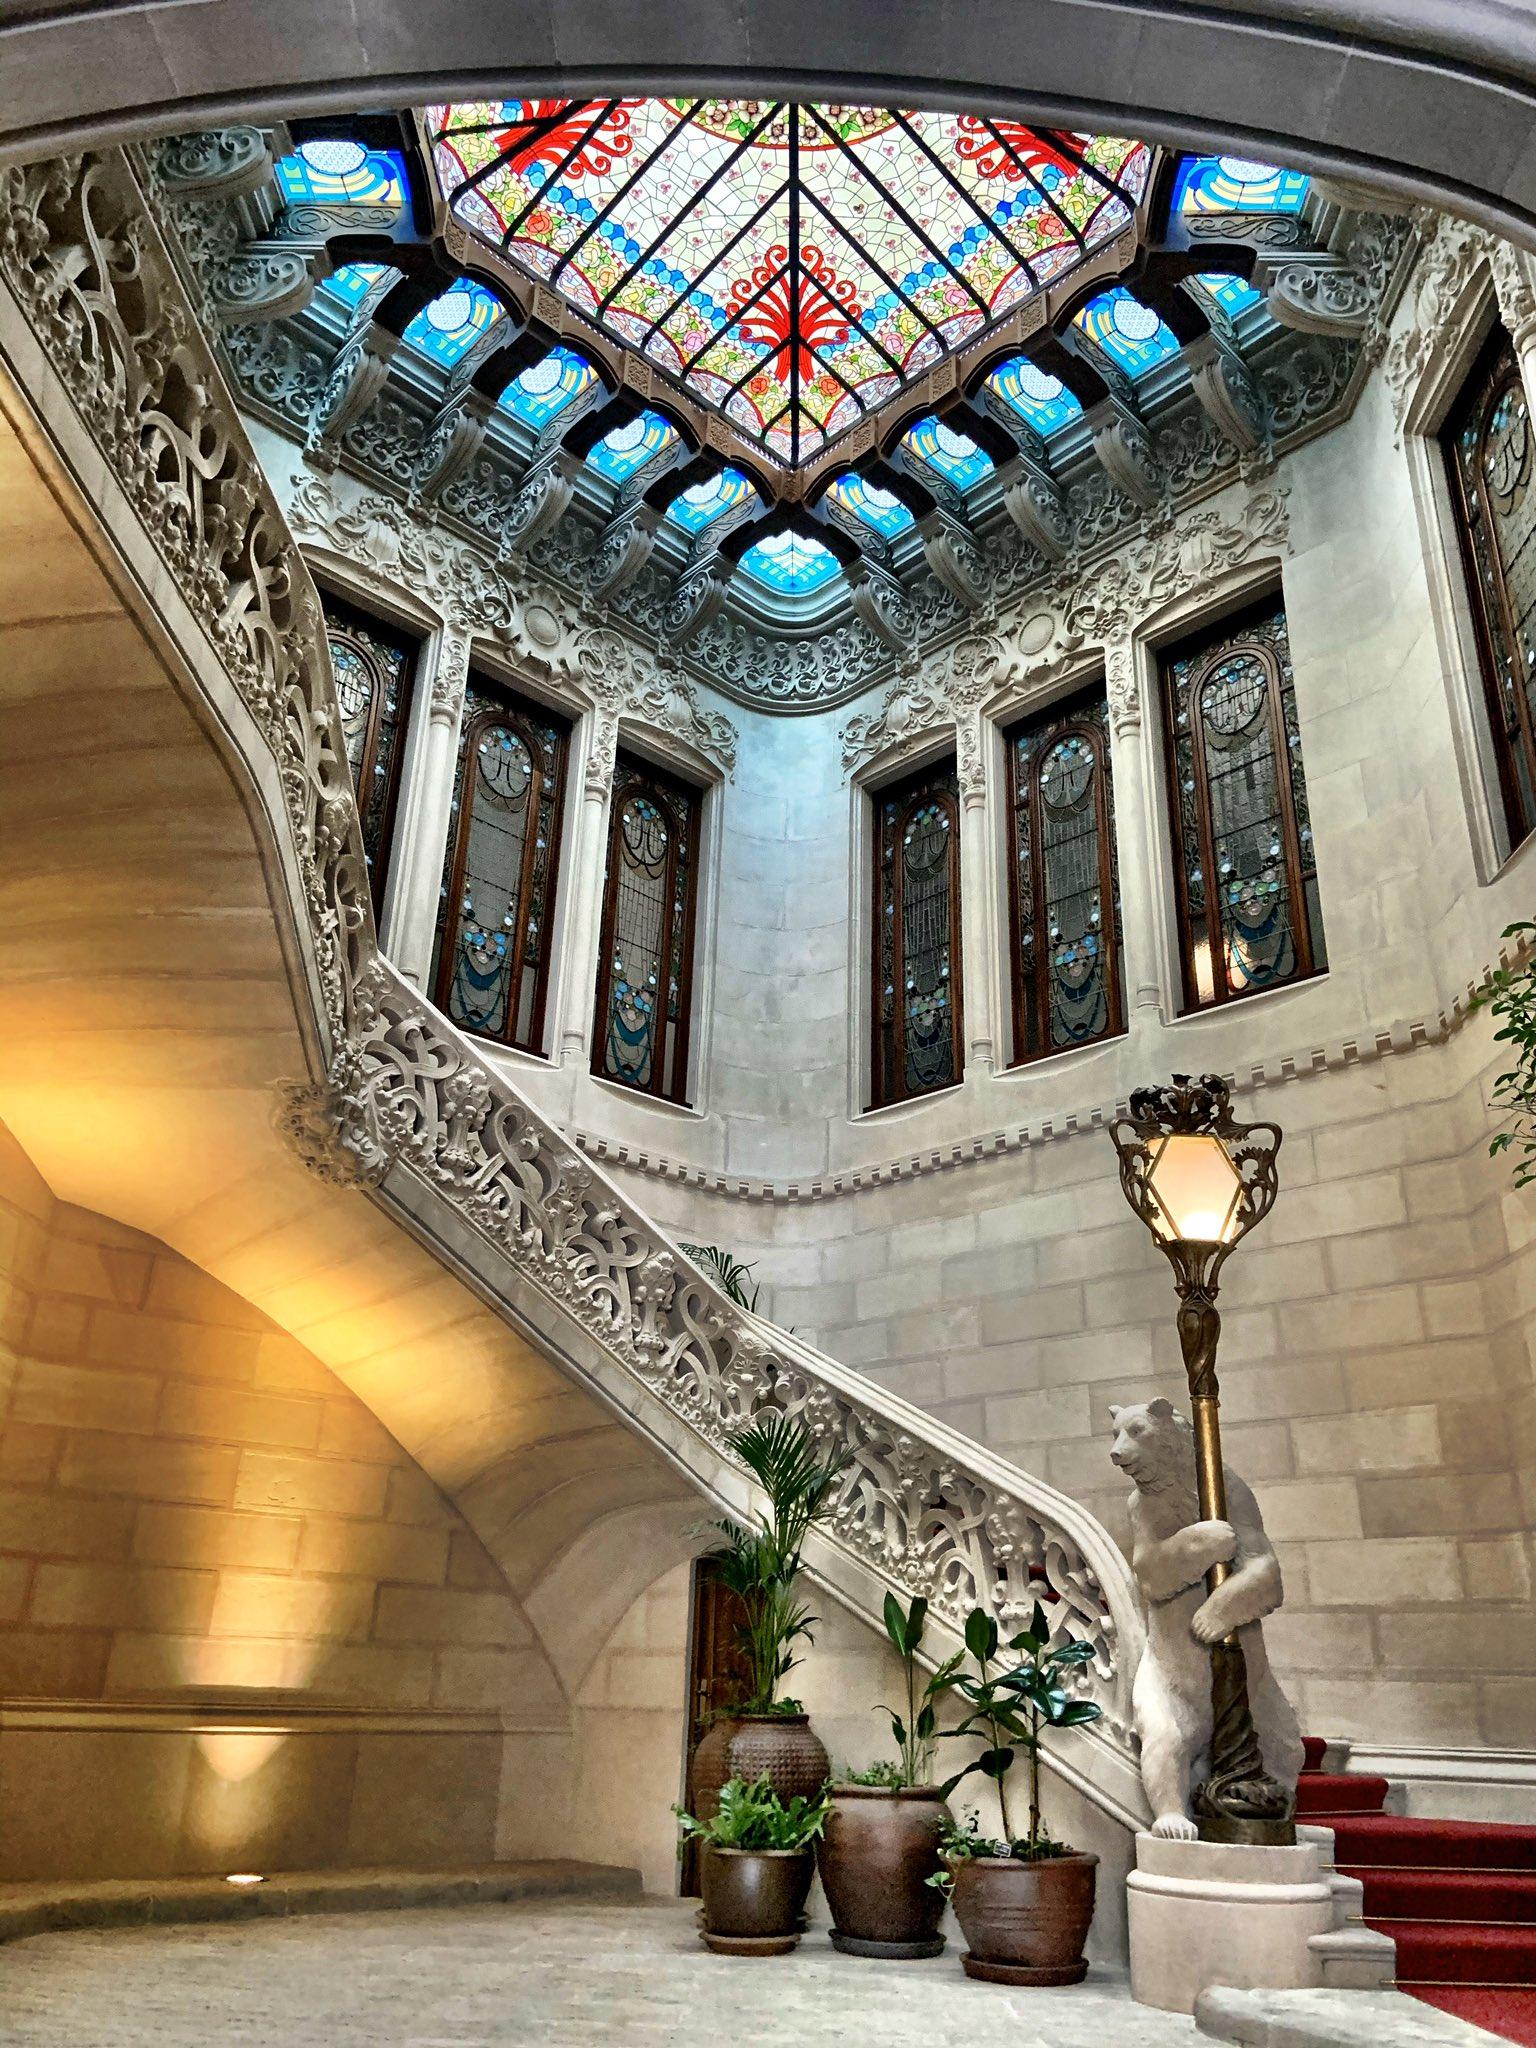 Hoy han abierto unos minutos Casa Burés (1905). Probablemente el vestíbulo más bonito de Barcelona. https://t.co/4SBA9RpjfL